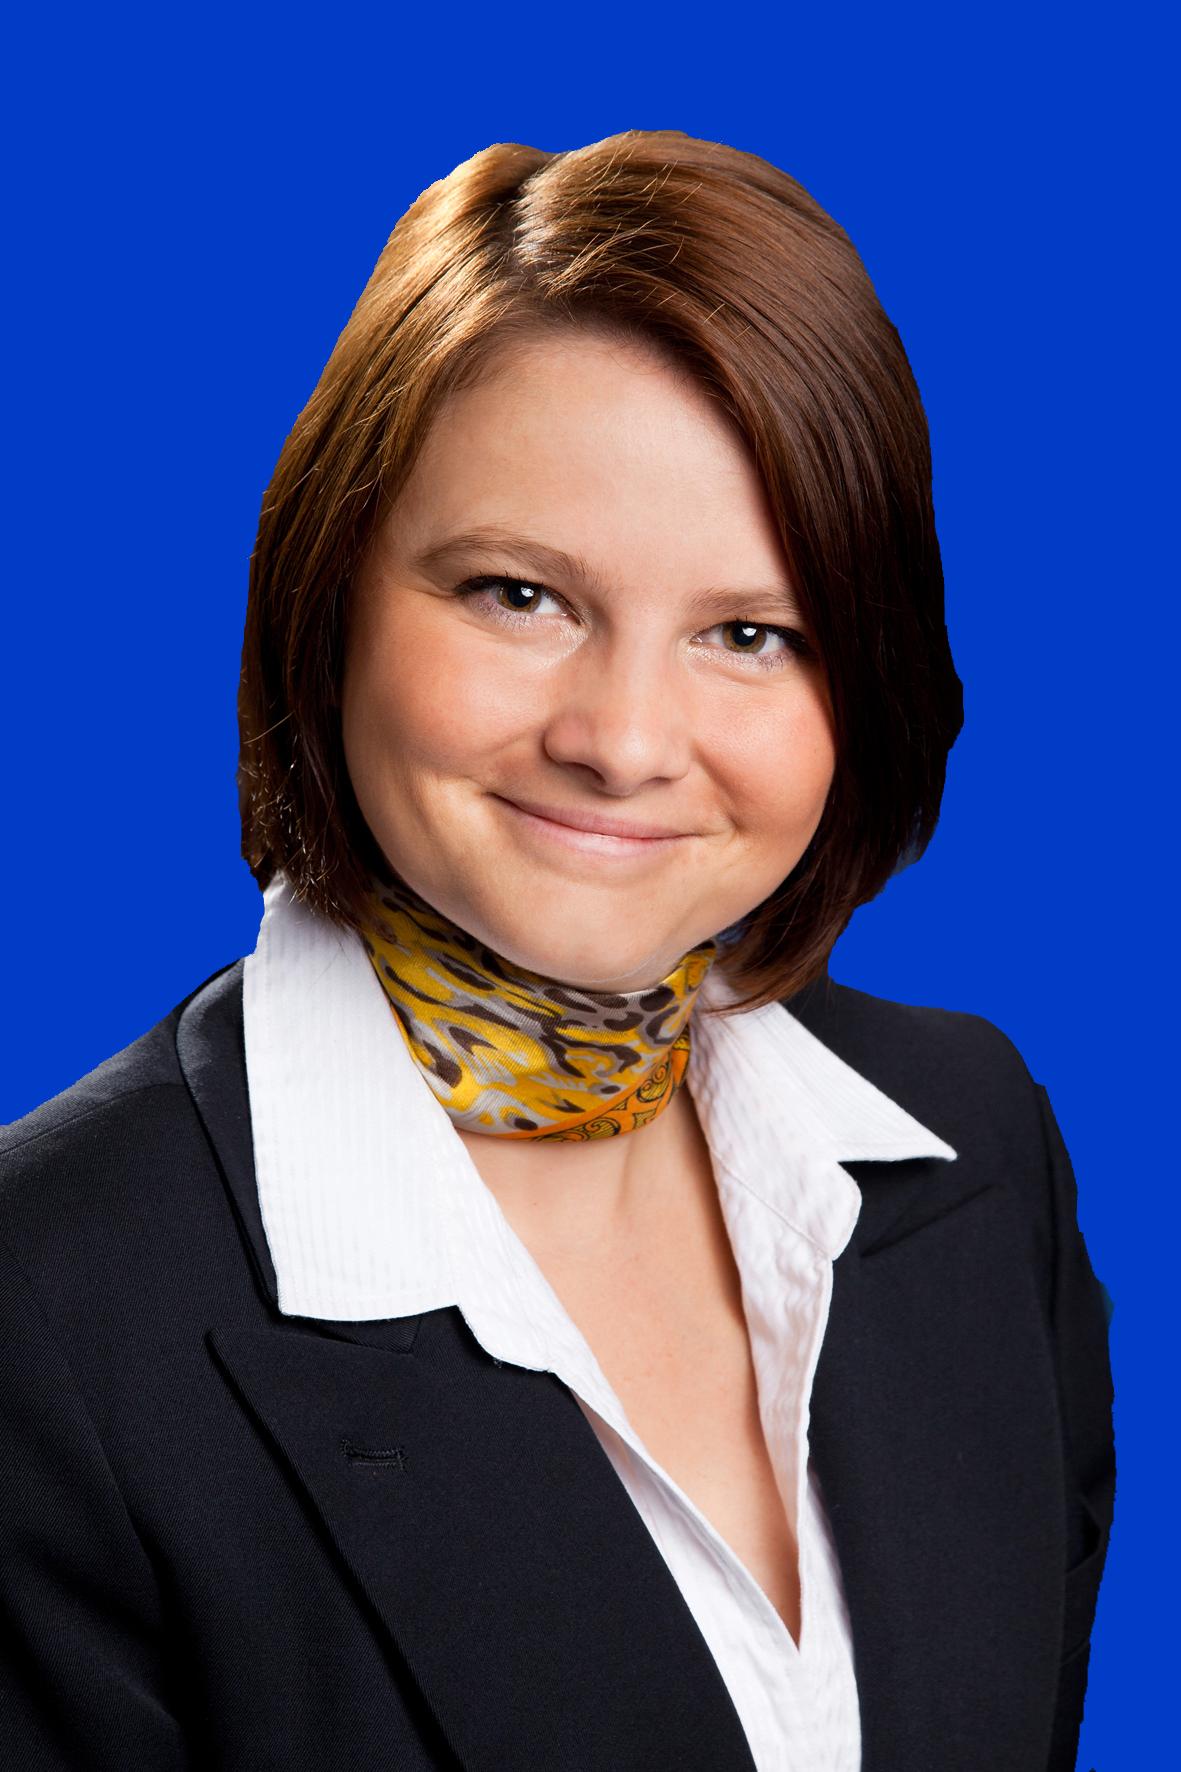 Martina Burger